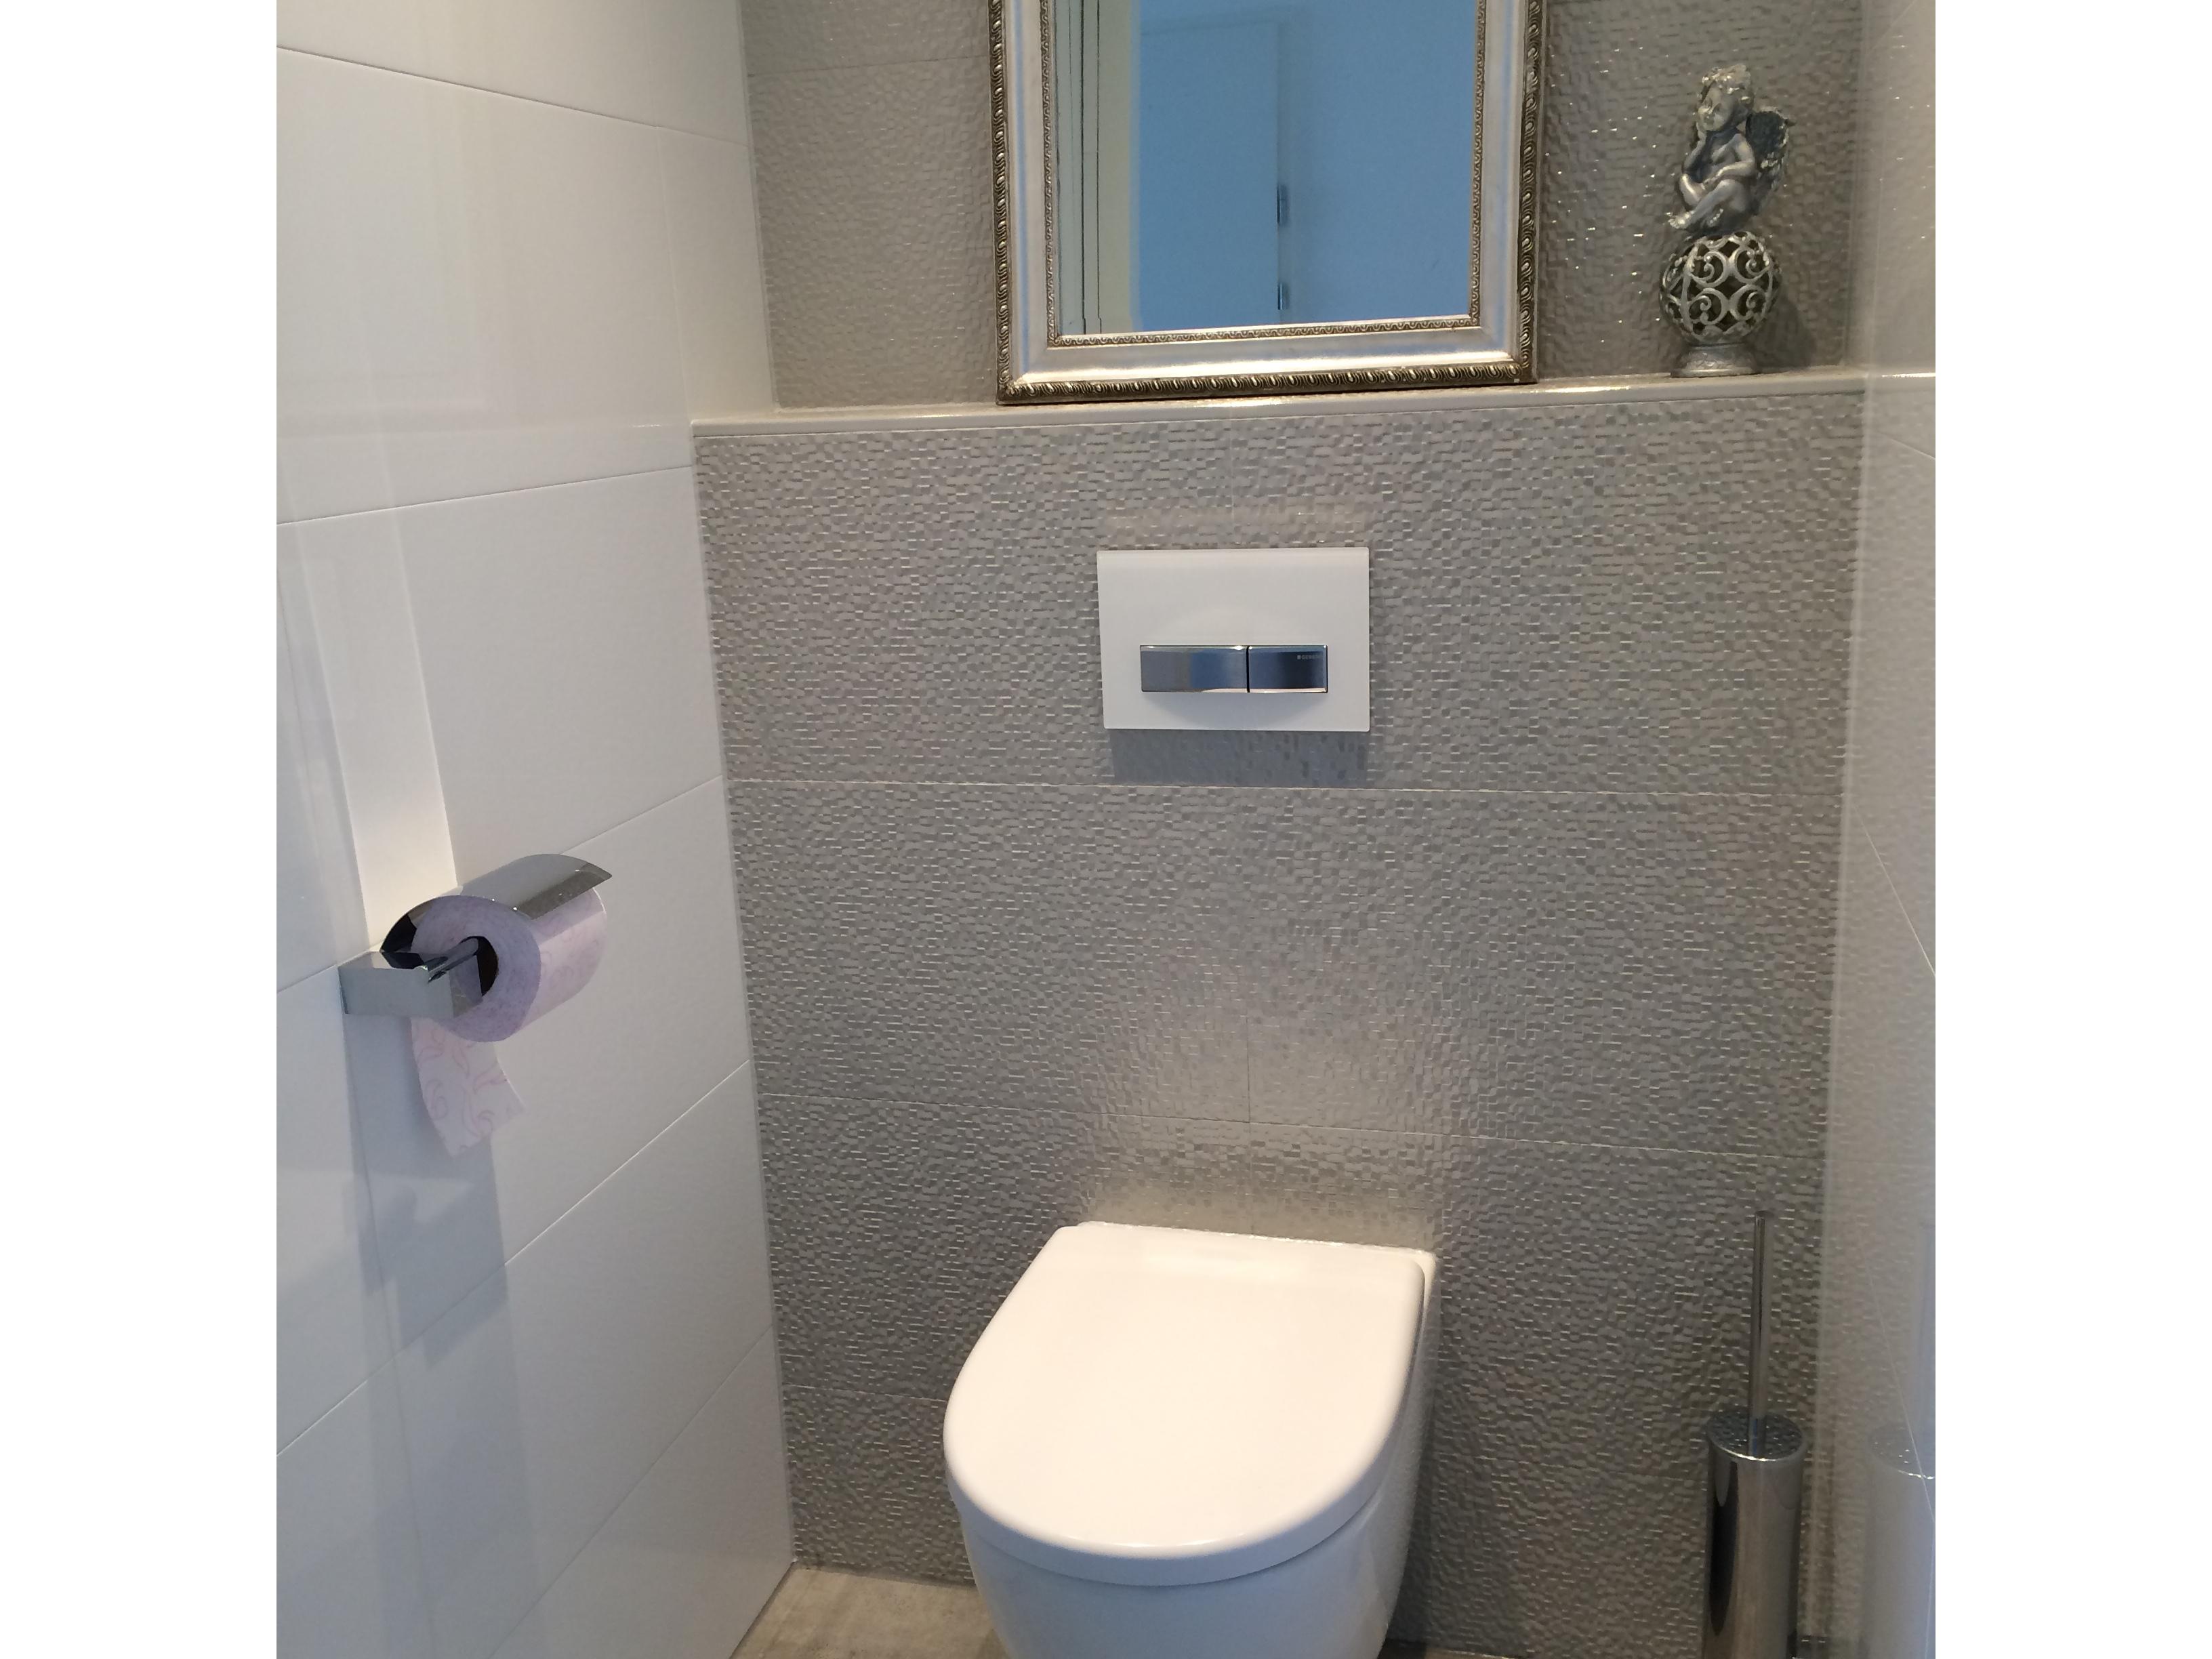 Toilet wandtegels venis cubica gris strata bathroom ideas